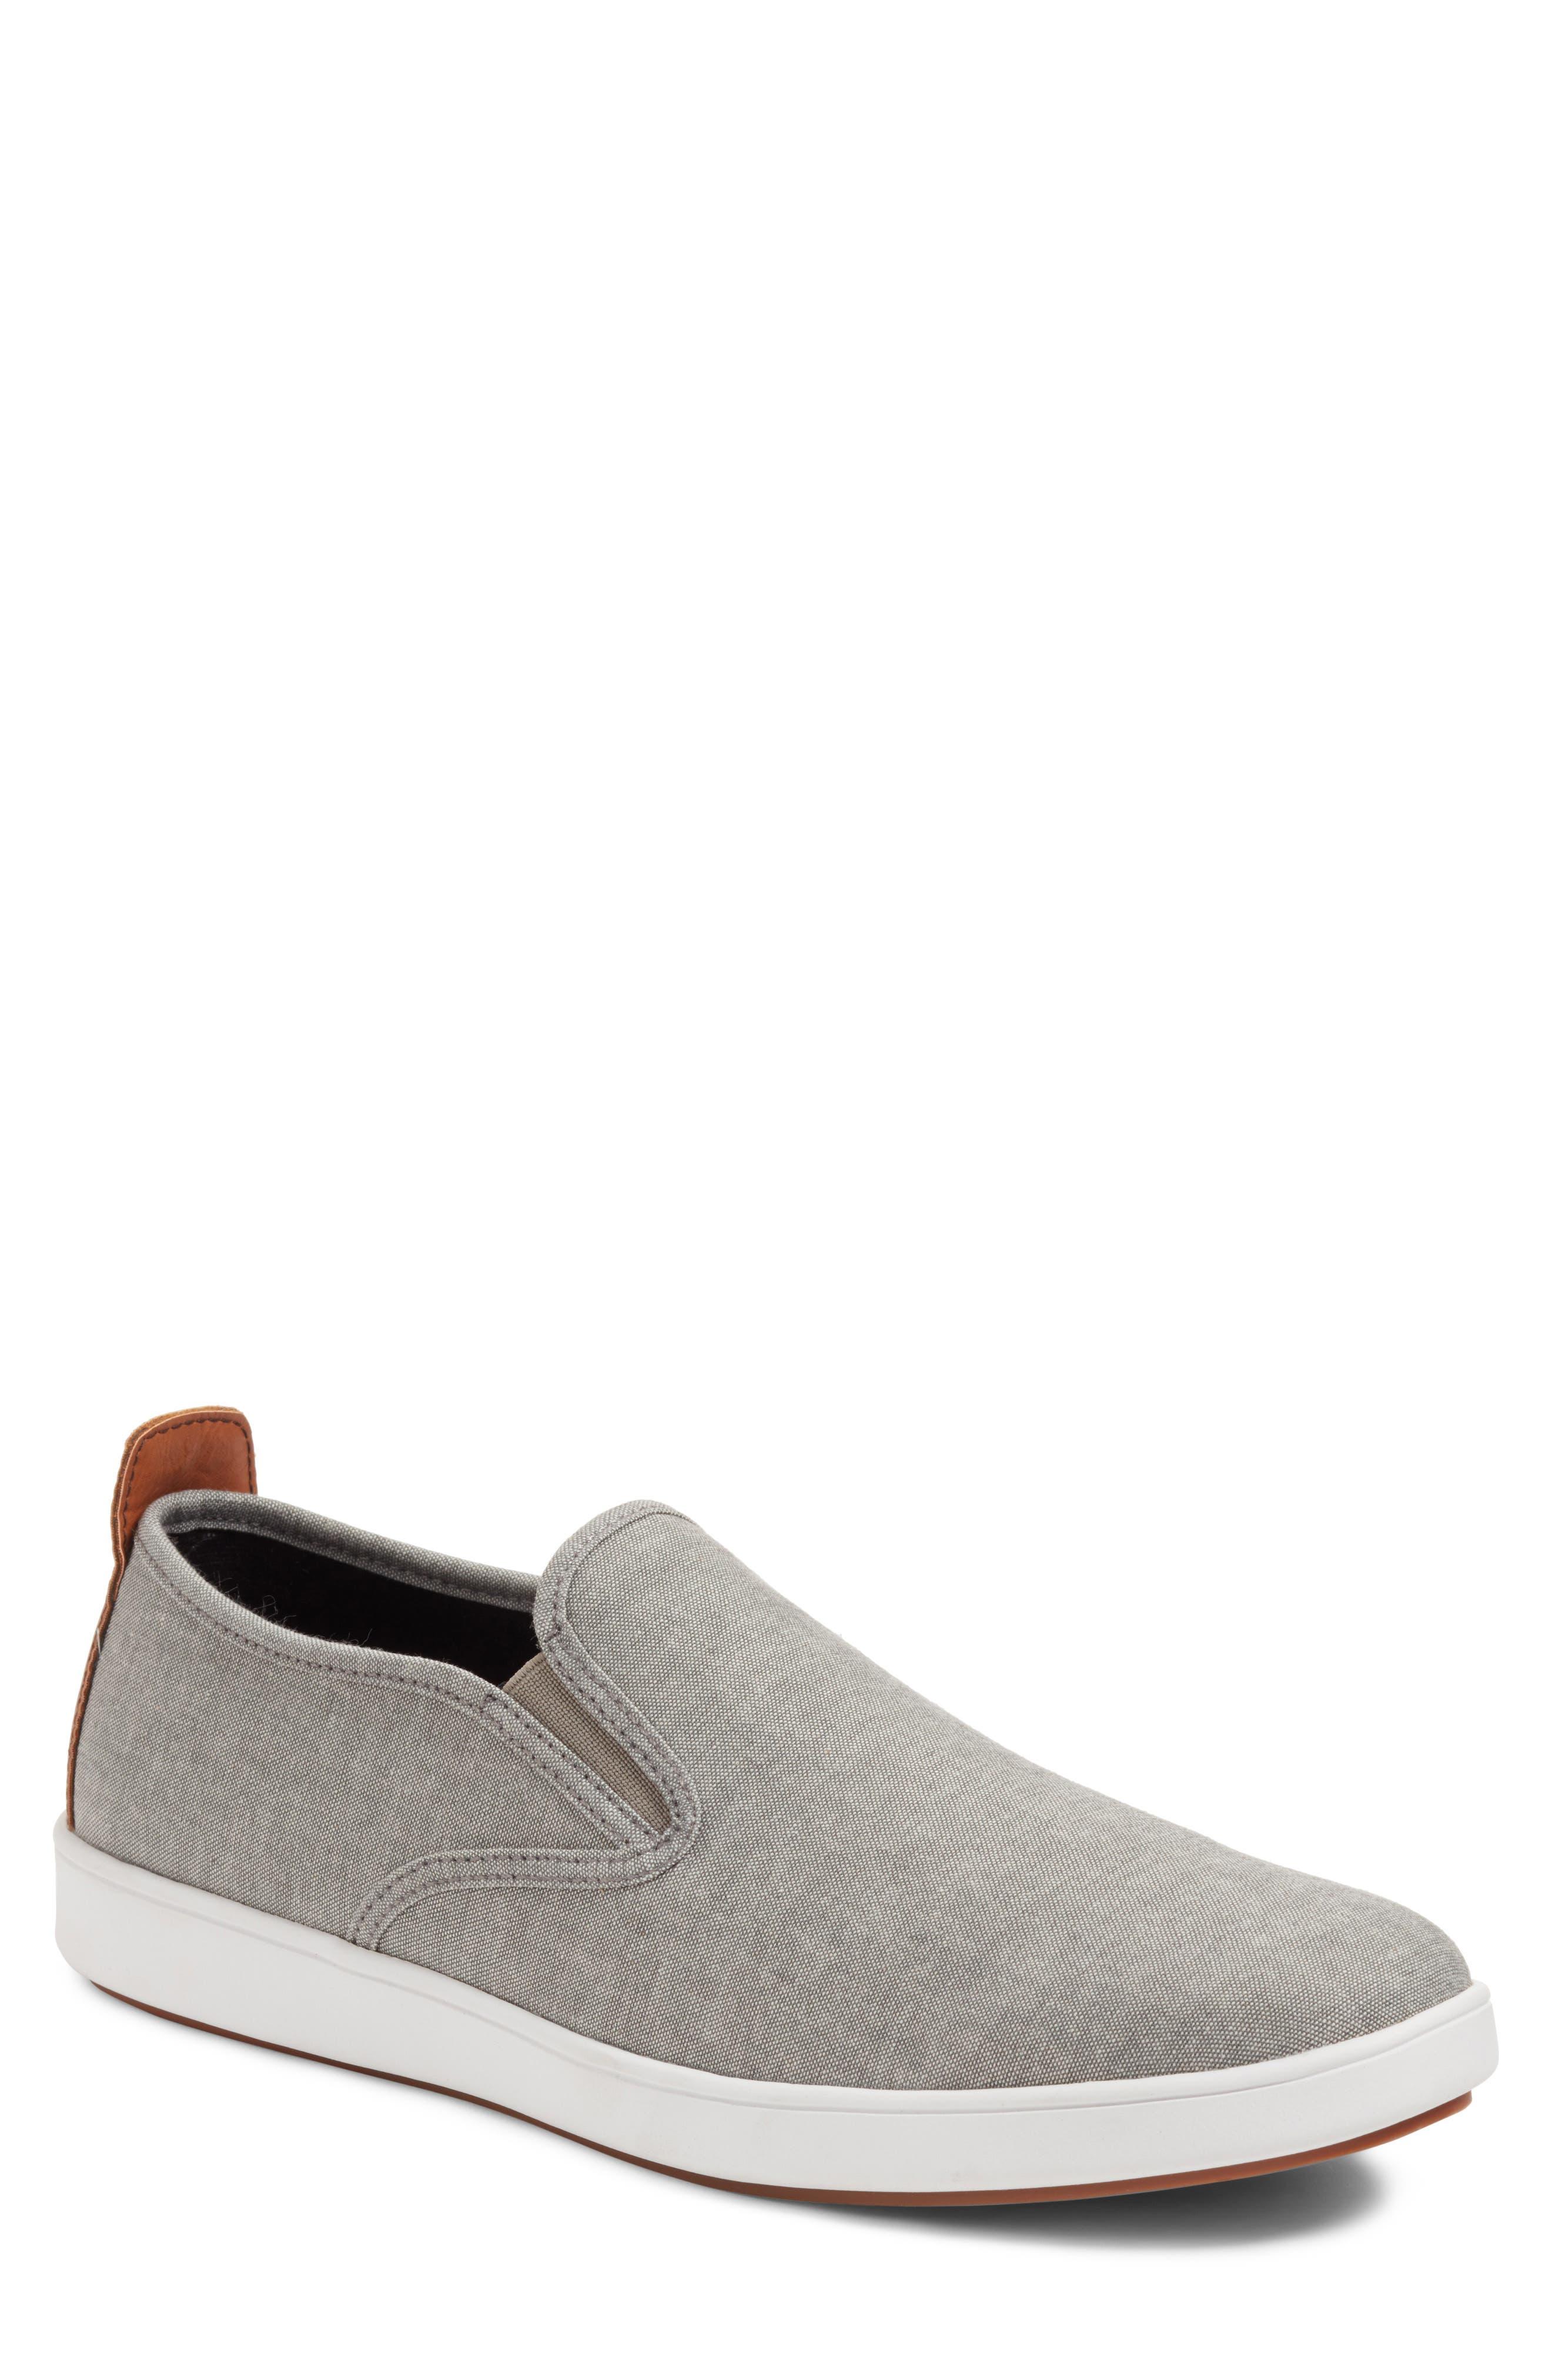 Top Qulity Men Steve Madden Venturre Sneaker White - H5D002882